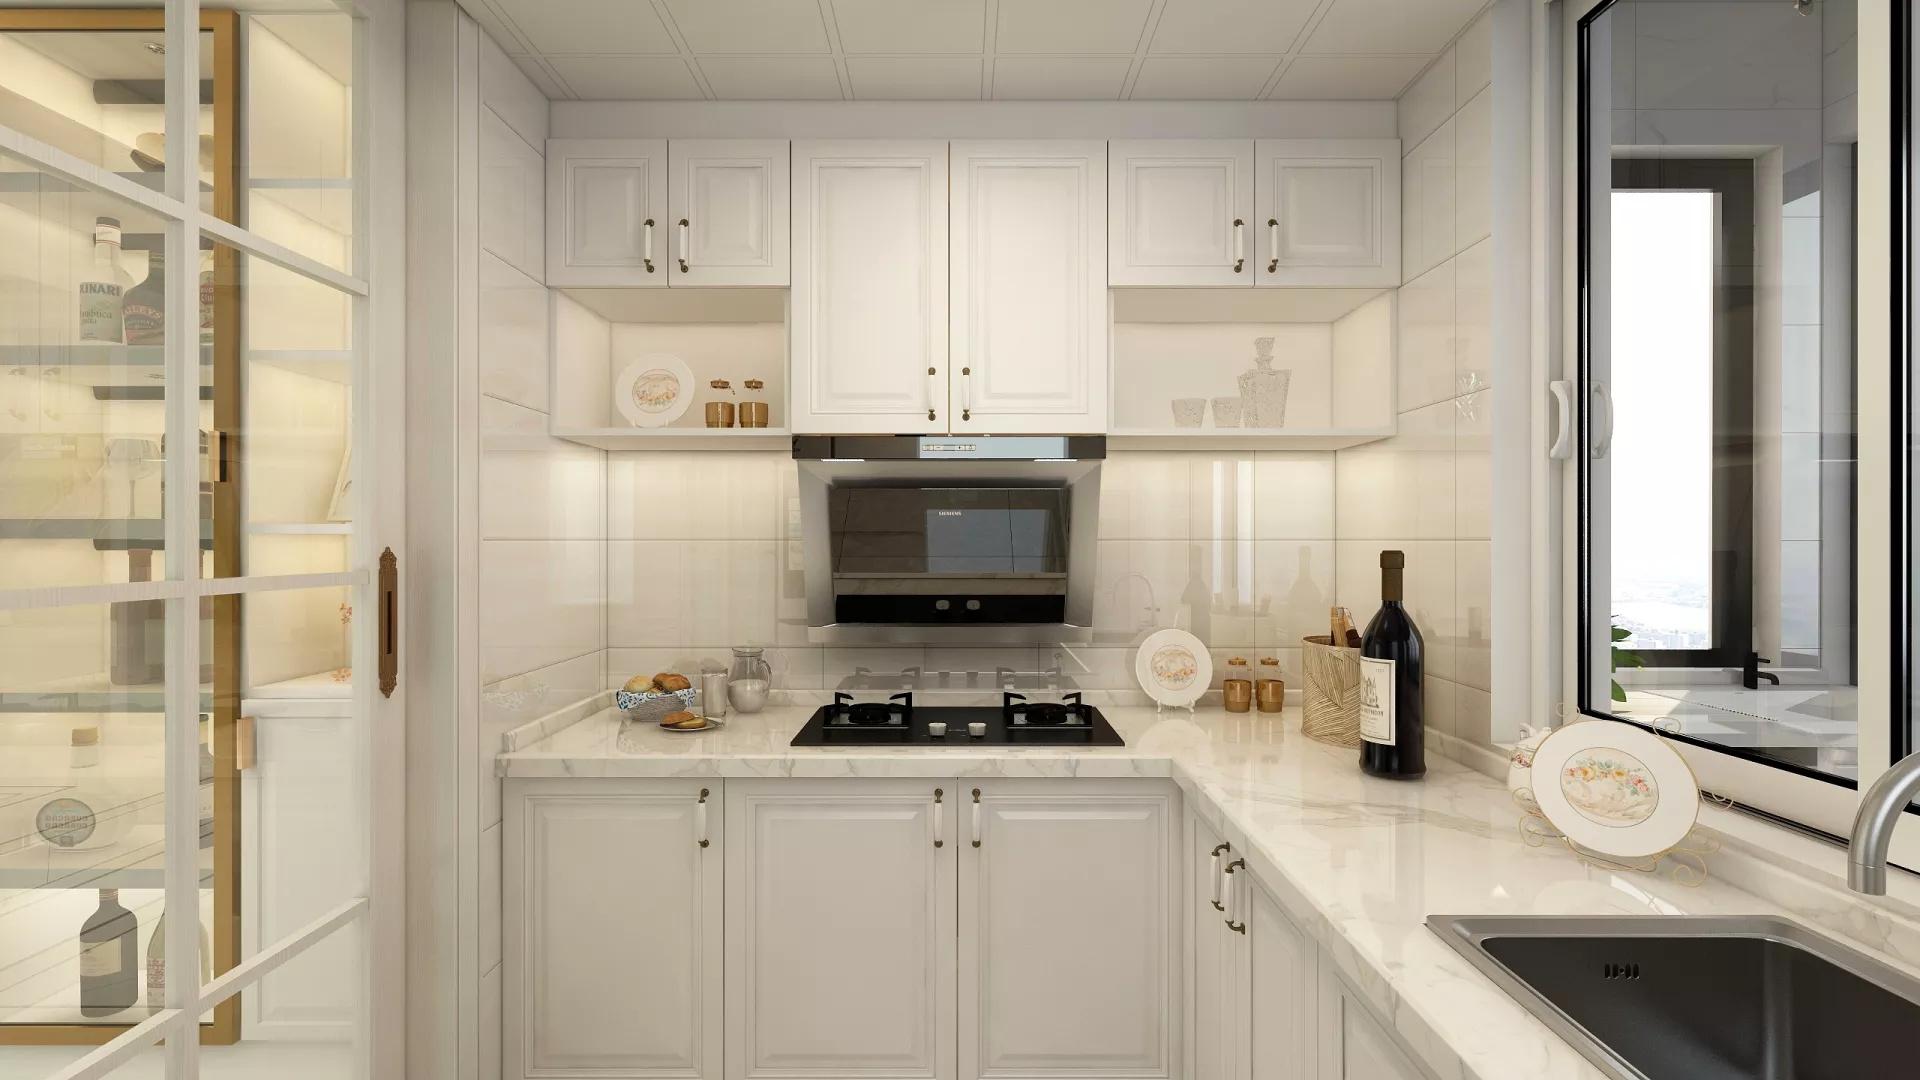 现代舒适温馨风格家居装修效果图